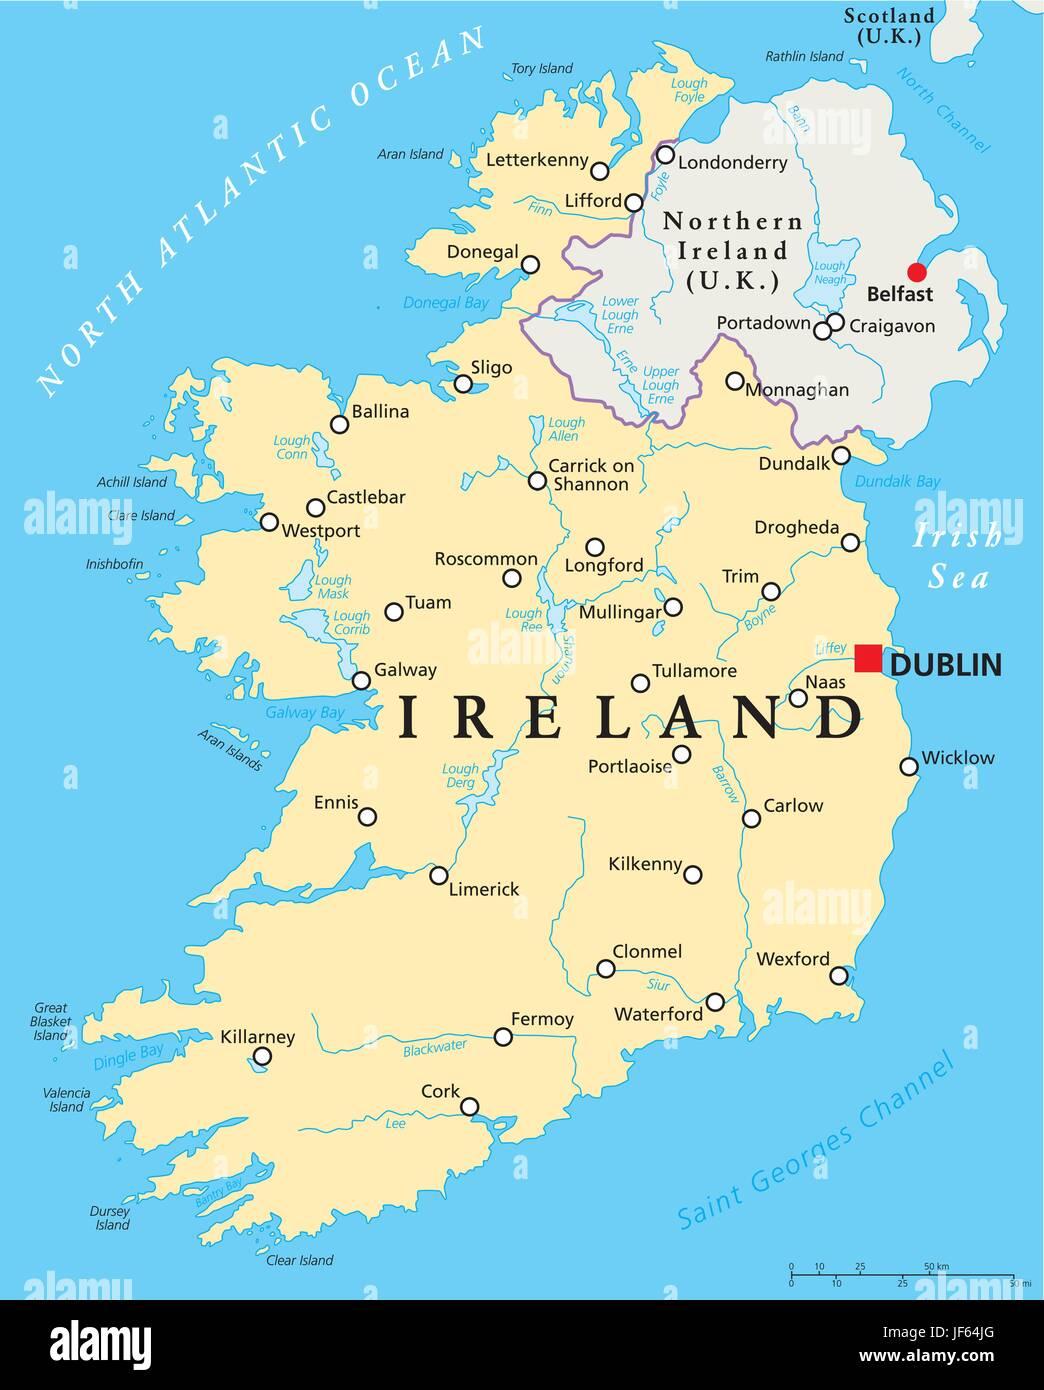 Mare D Irlanda Cartina.Irlanda Mappa Atlas Mappa Del Mondo Oceano Atlantico Acqua Salata Mare Oceano Immagine E Vettoriale Alamy